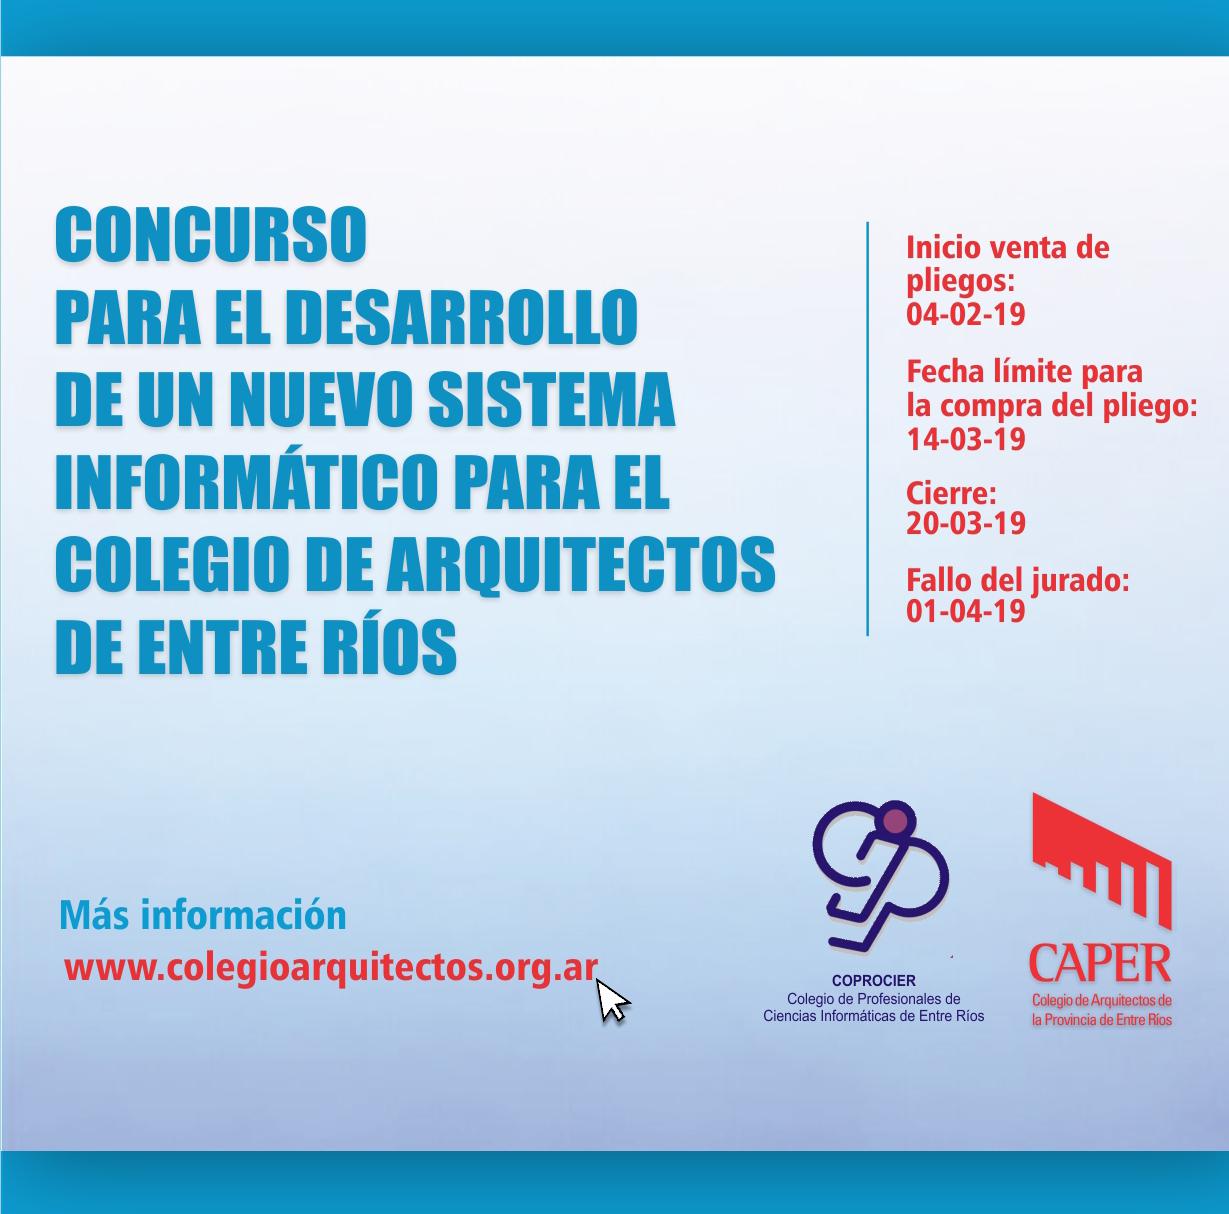 Concurso: Desarrollo de un Sistema Informático para el Colegio de Arquitectos de Entre Ríos